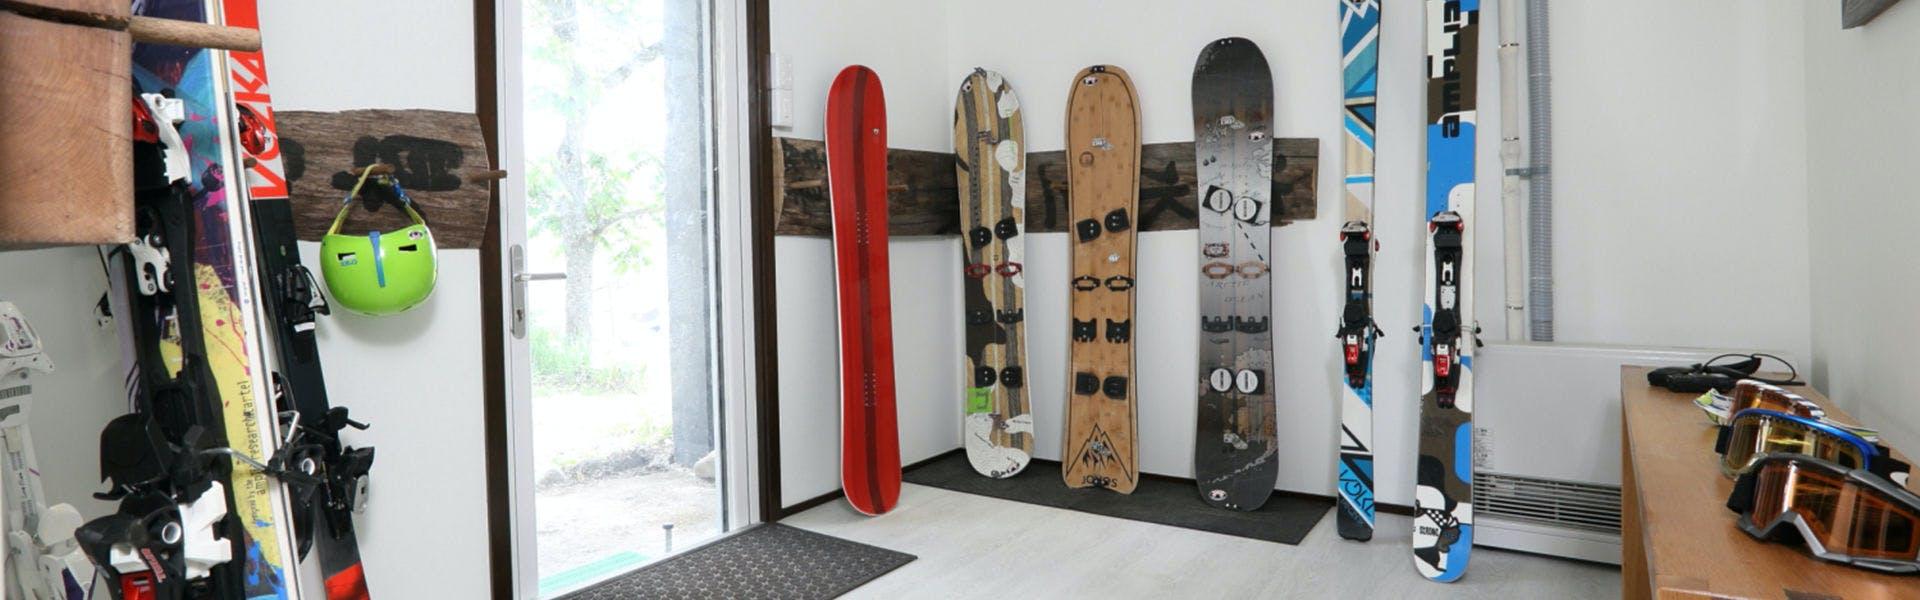 スキーラック